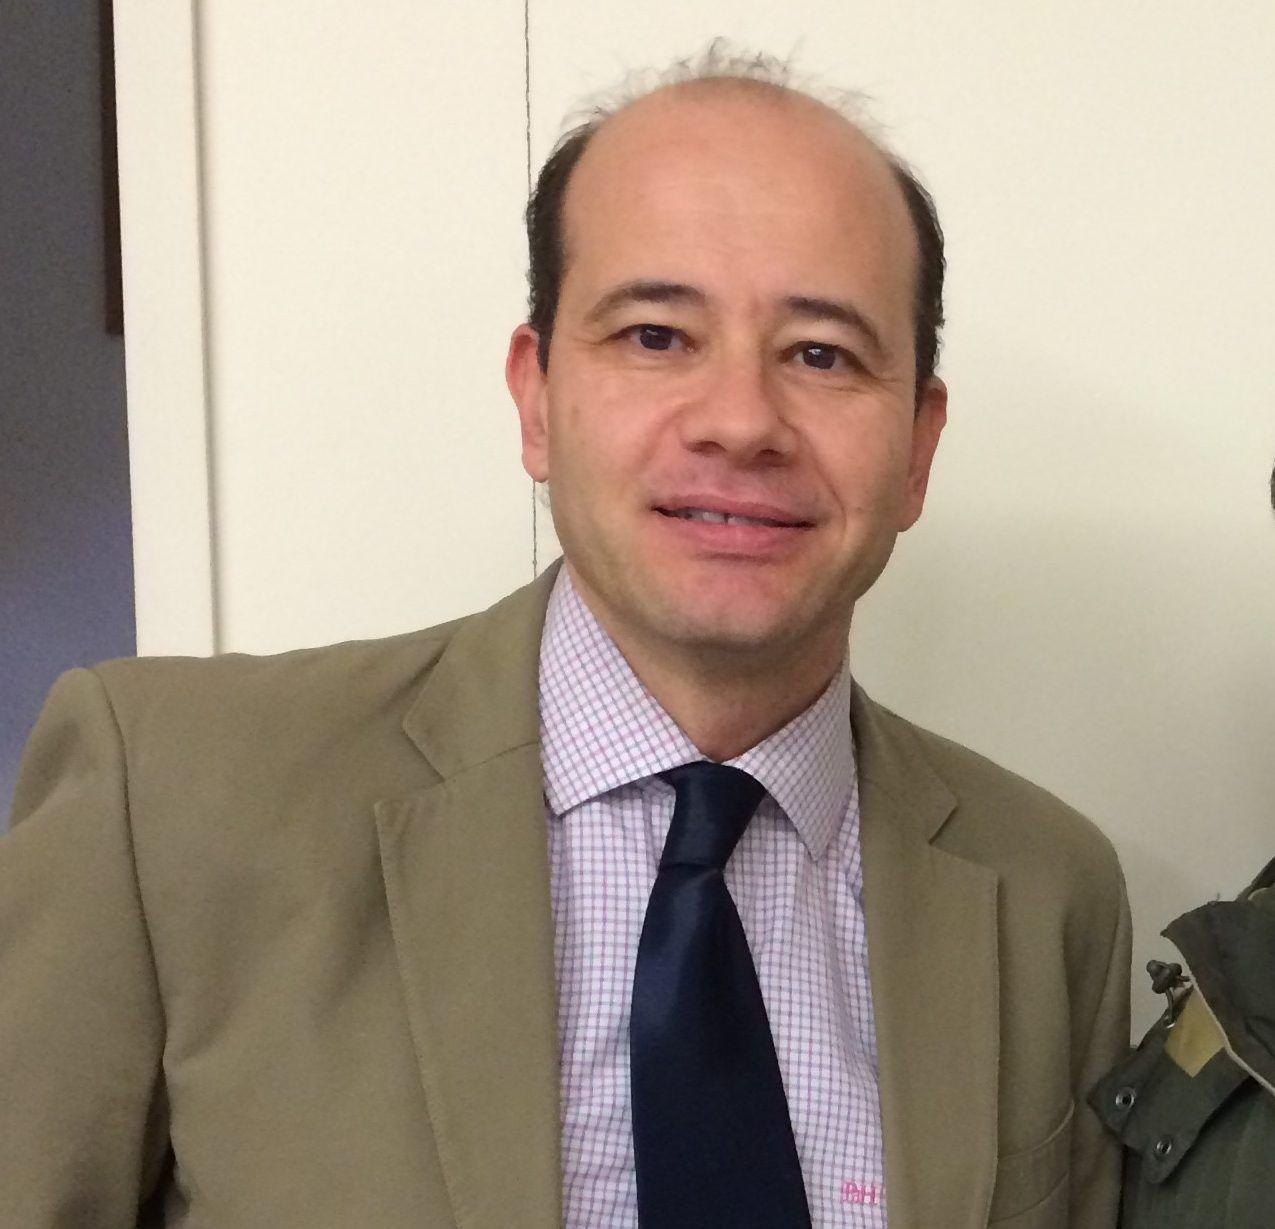 Adiós, secretario. El profesor de Fisioterapia CEU-UCH, Javier Montañez, cambia de cargo en gestión.